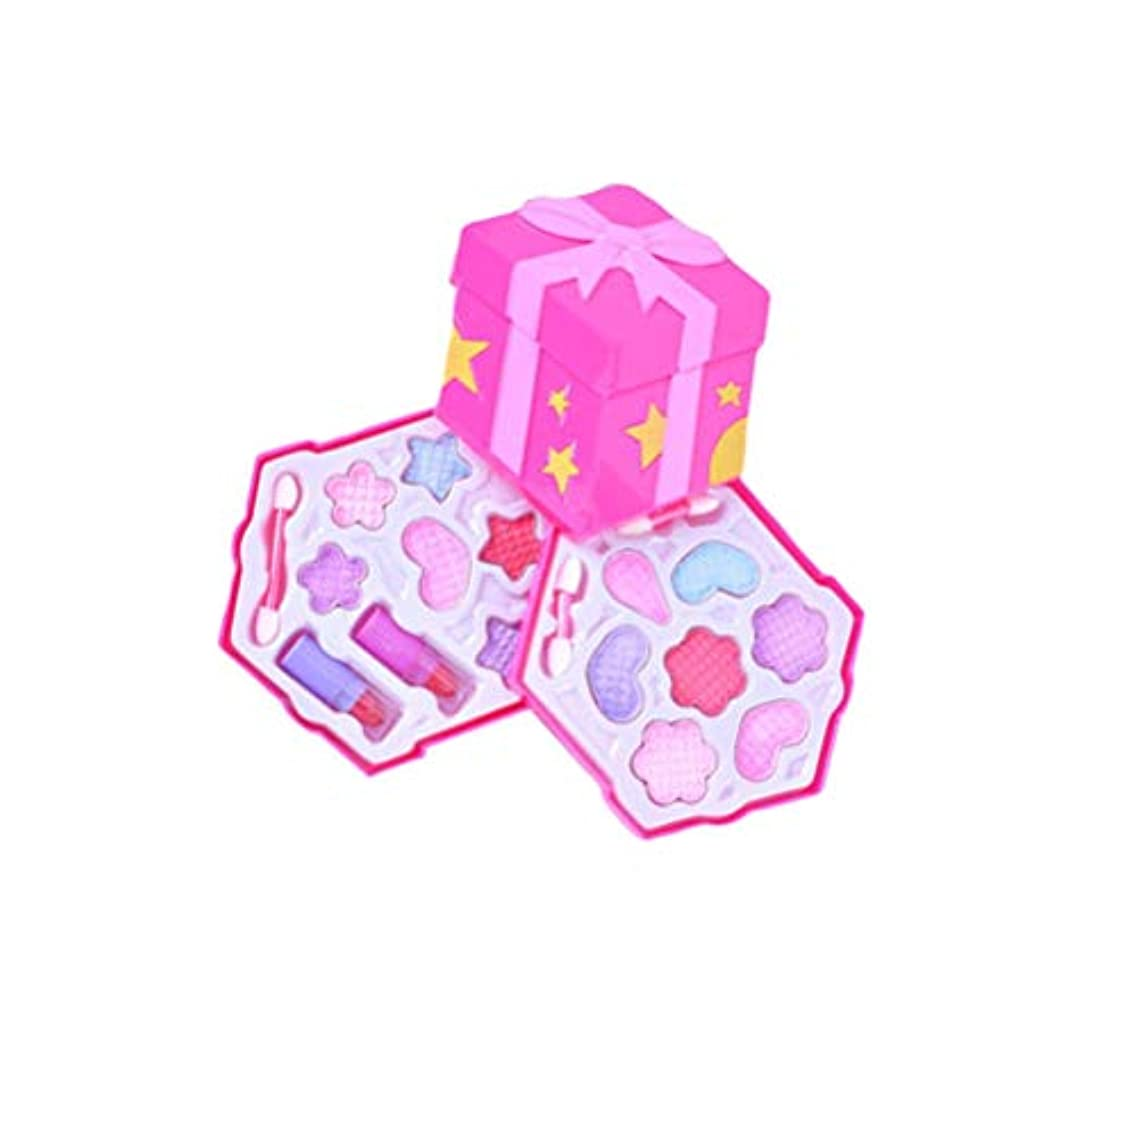 周り架空の召集するYeahiBaby 女の子化粧品プレイセットウォッシャブル非毒性プリンセスリアルメイクおもちゃキット付きケース